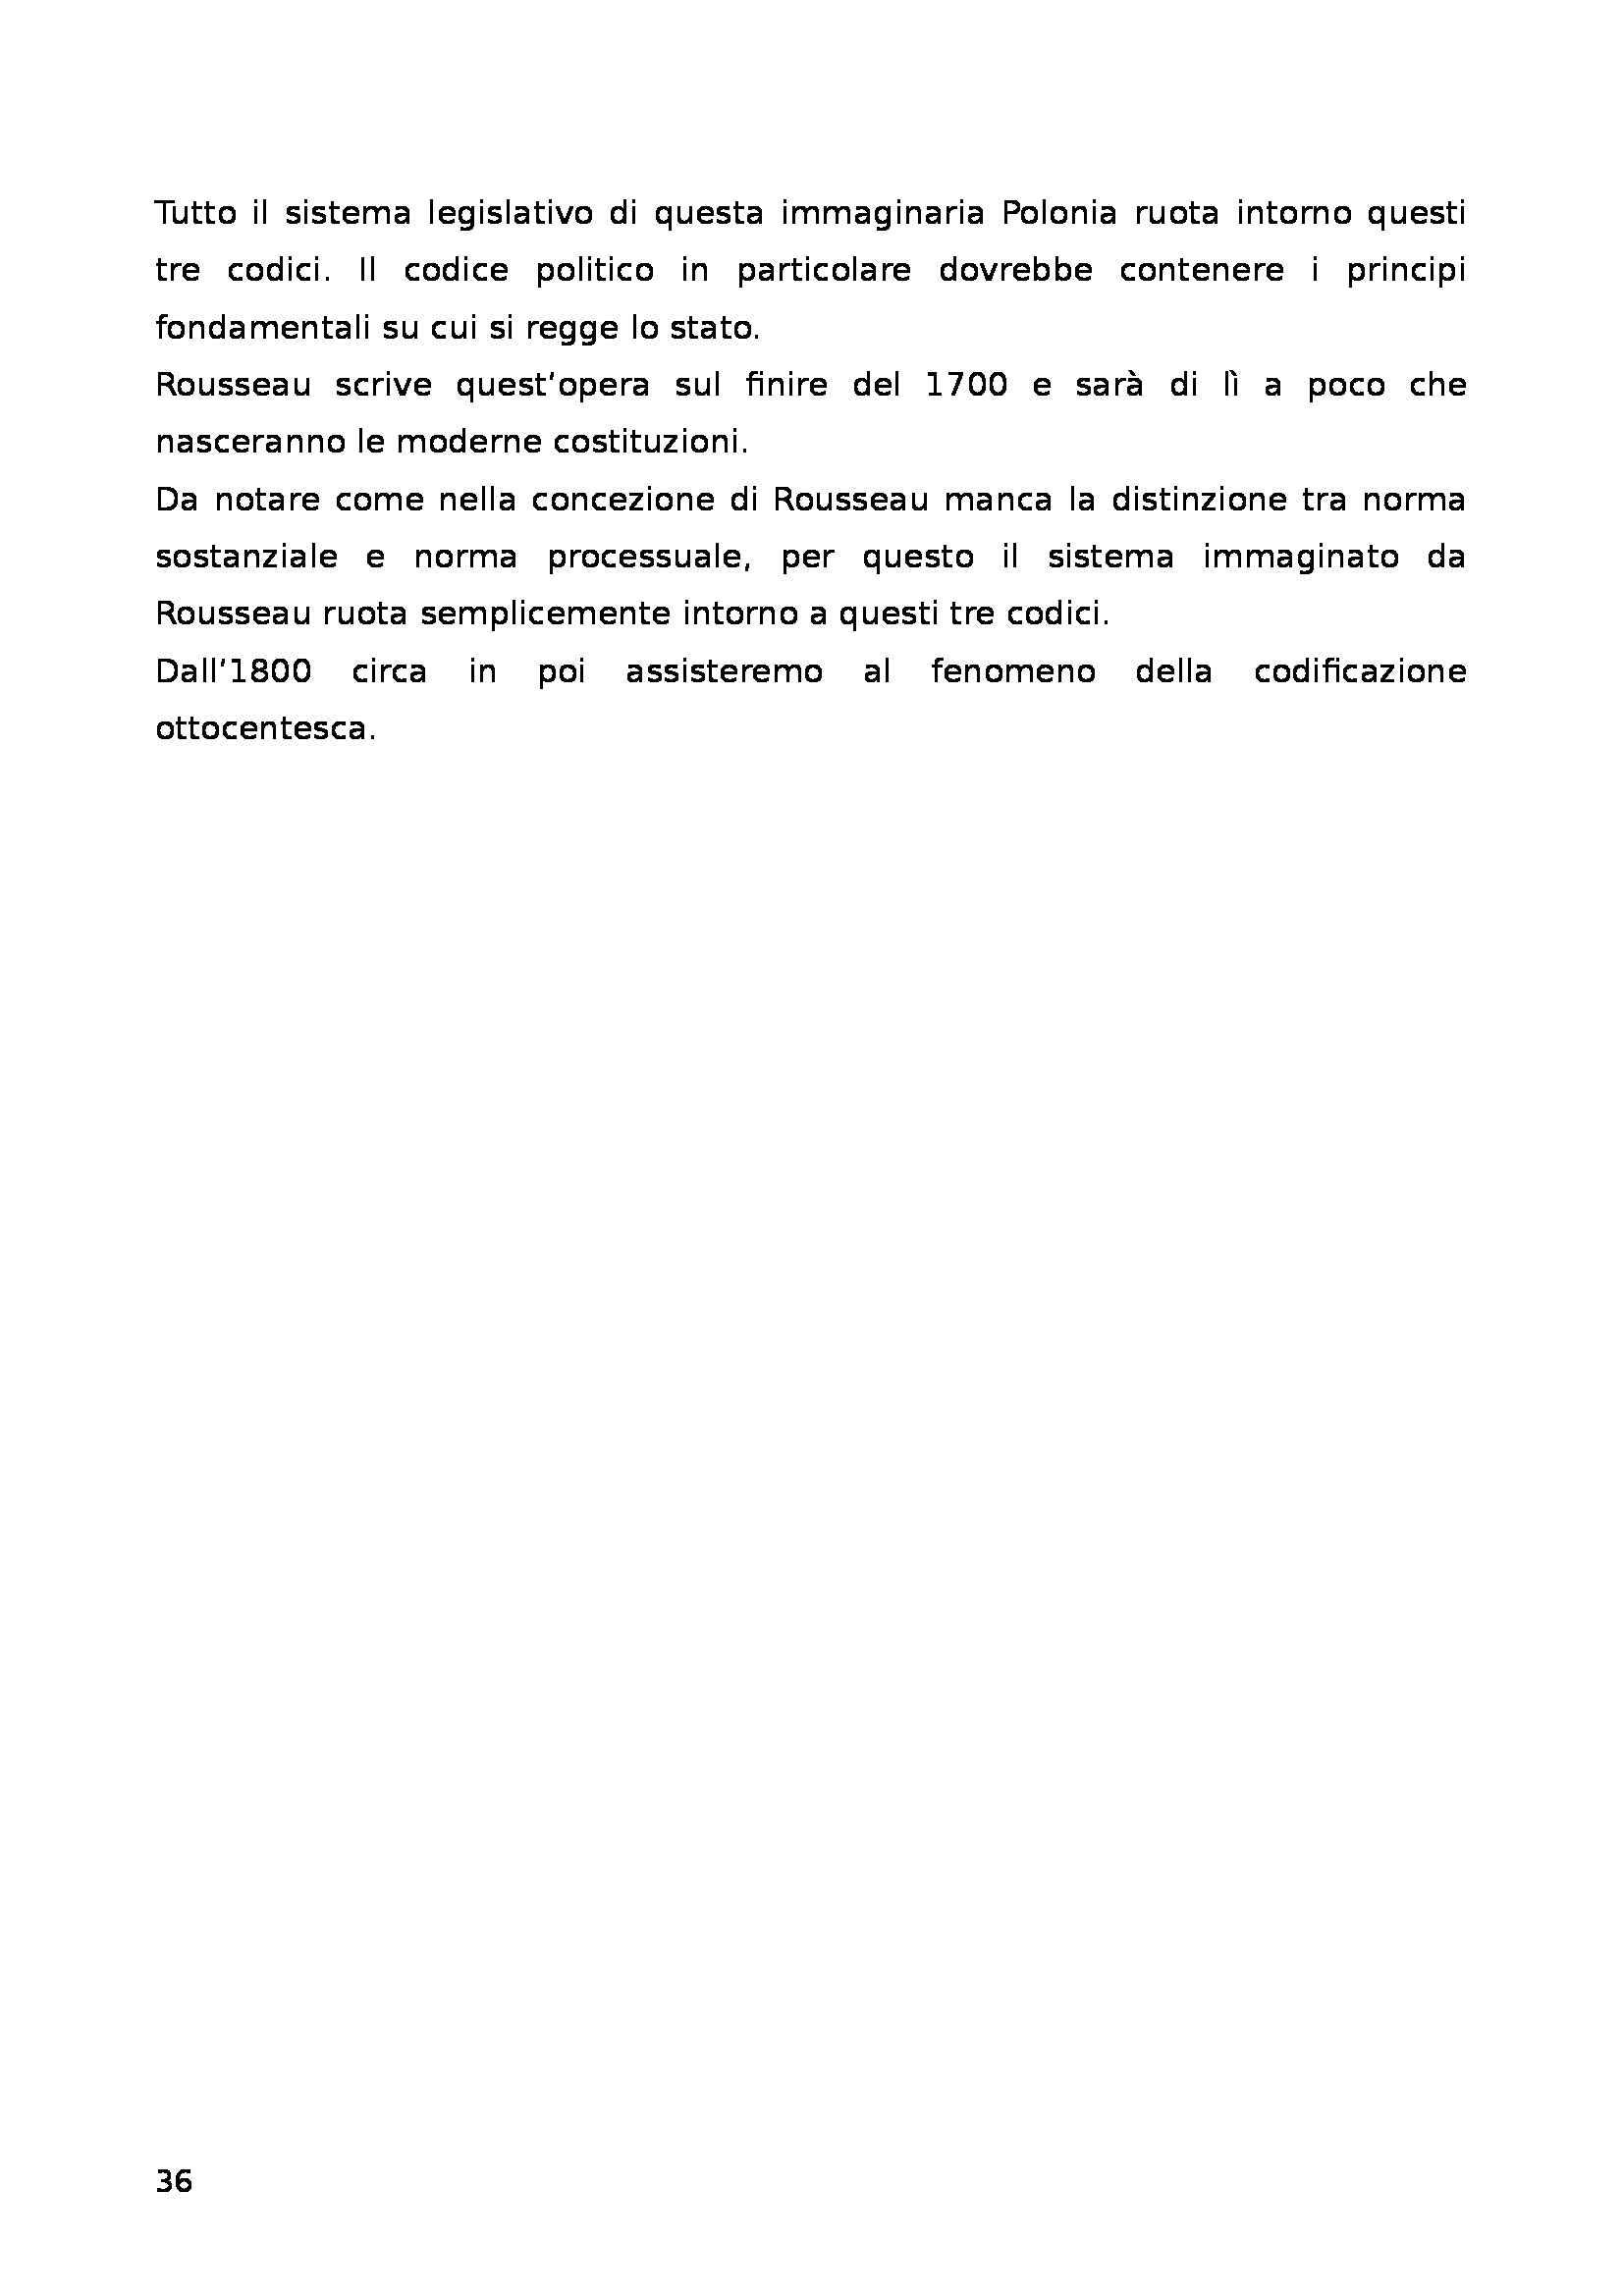 Storia del diritto italiano - Lezioni complete Dezza Pag. 36